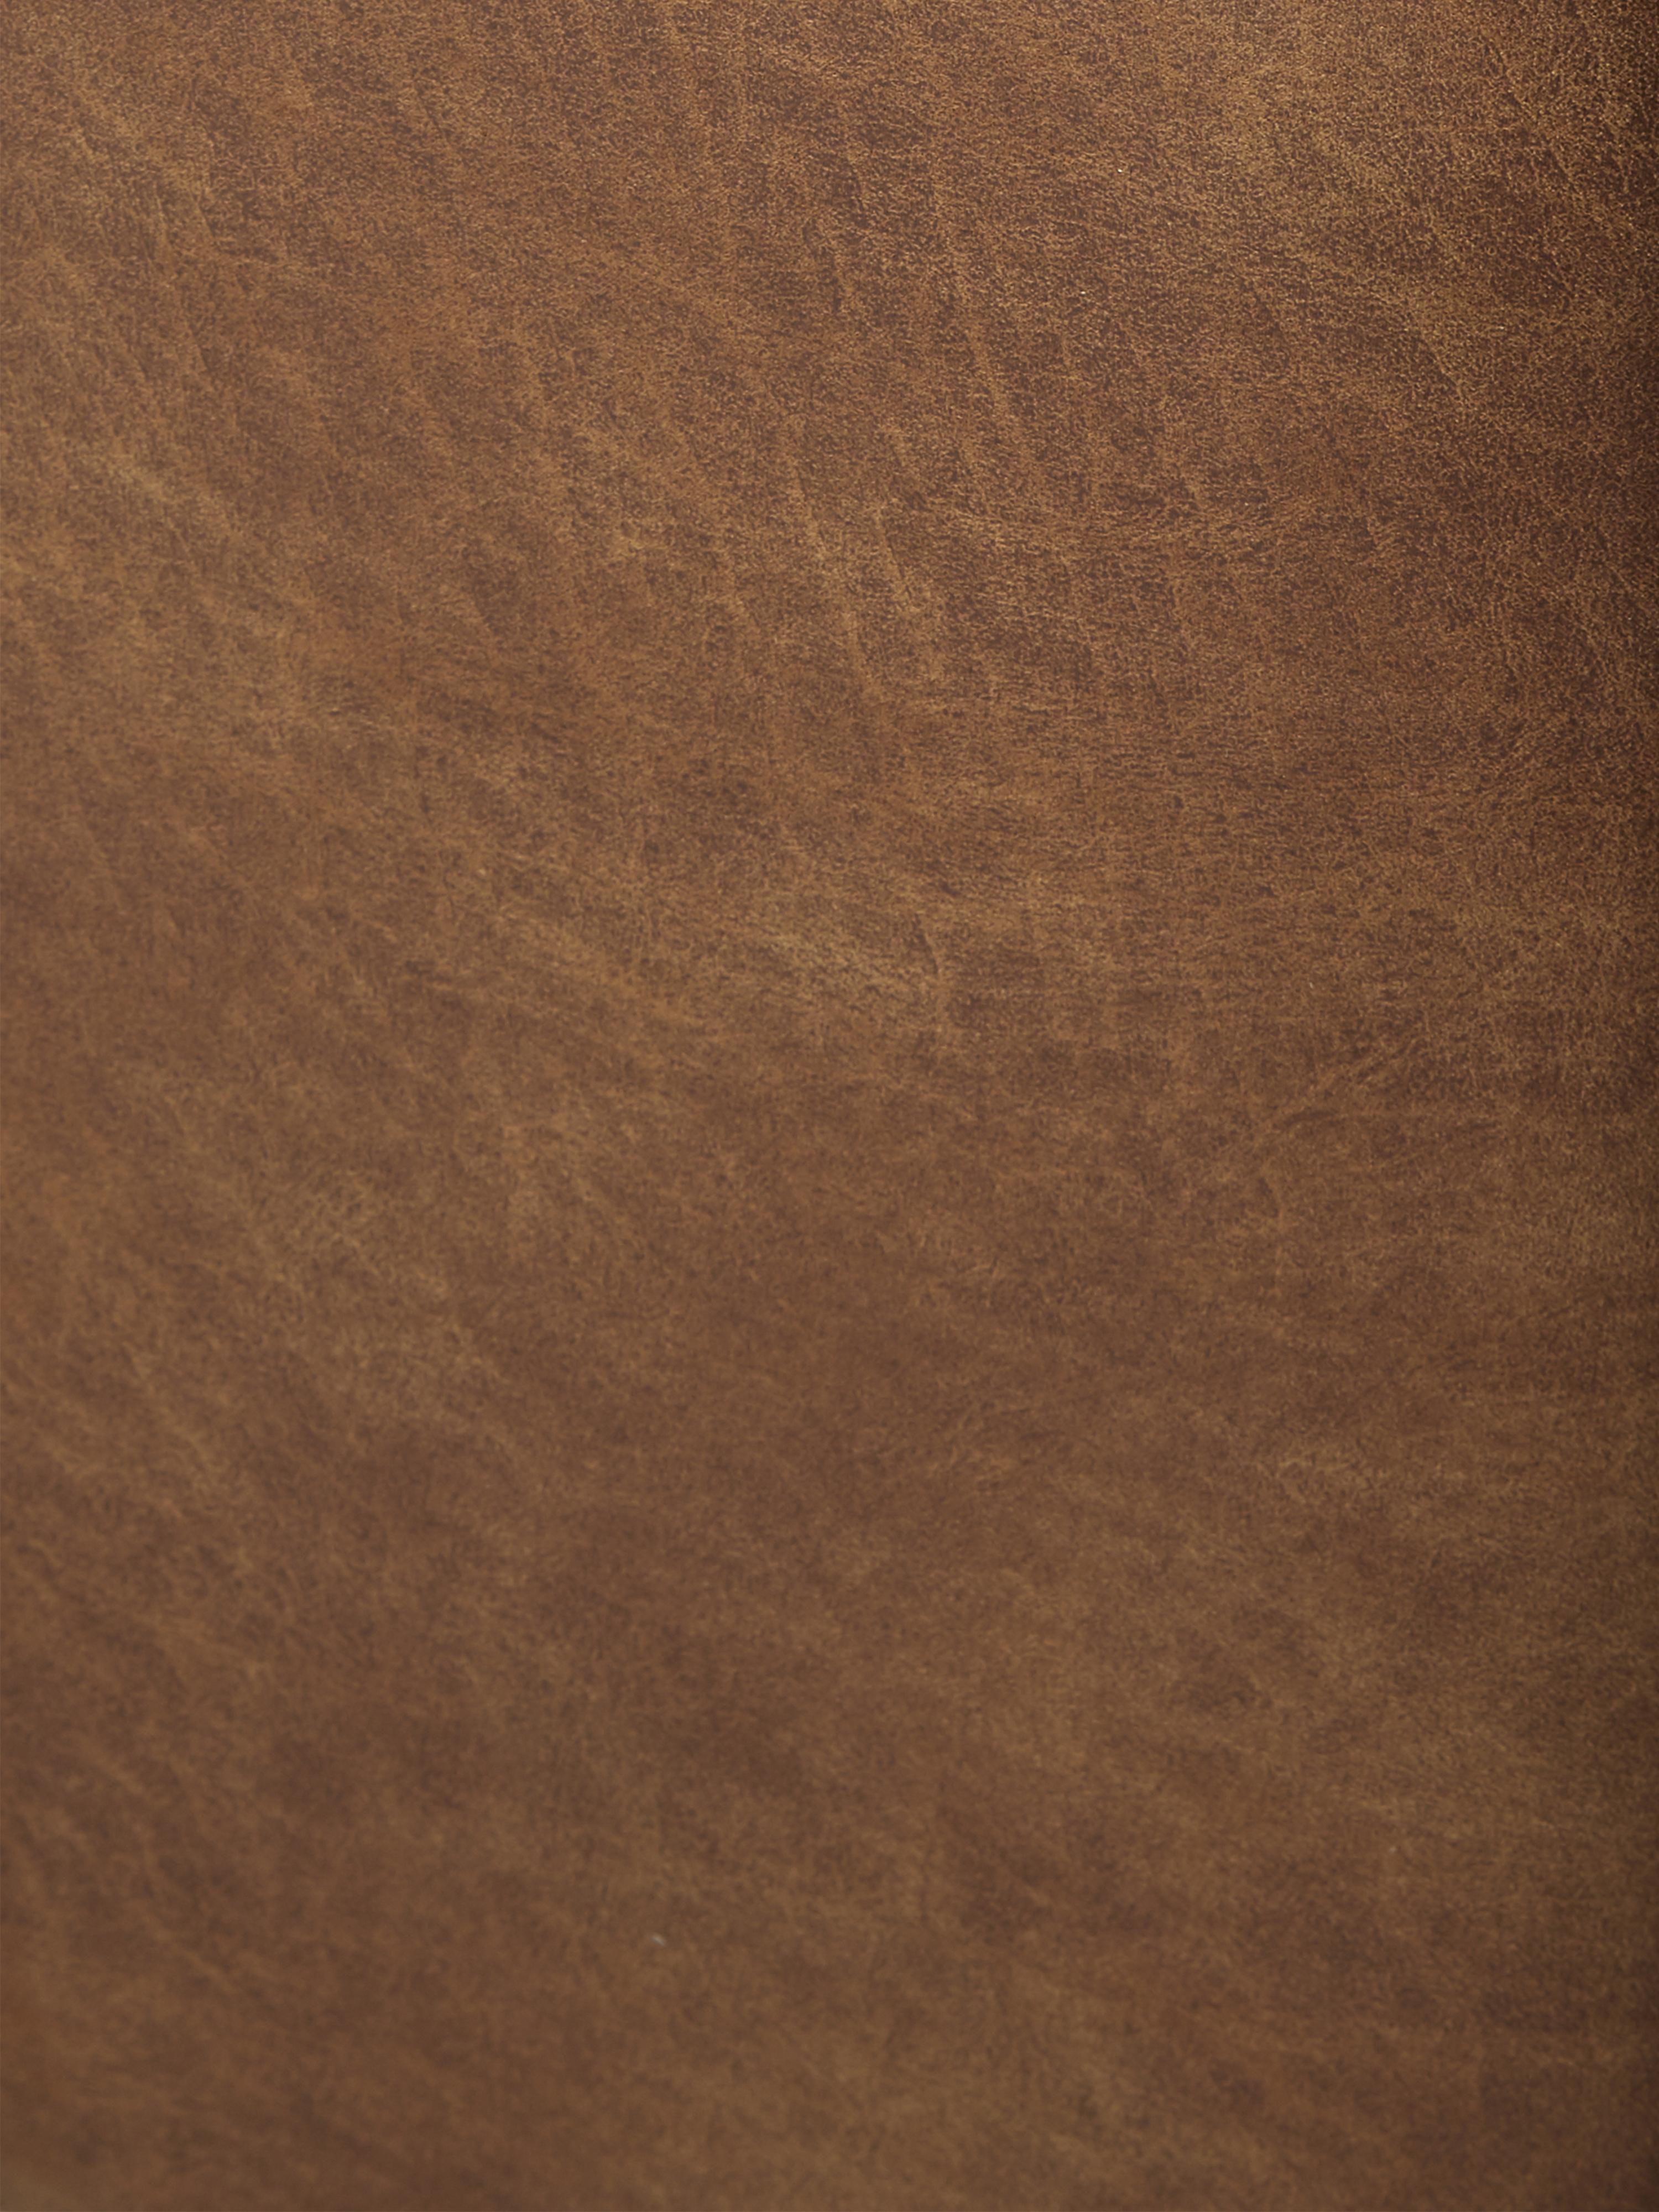 Divano componibile in pelle marrone Lennon, Rivestimento: 70% pelle, 30% poliestere, Struttura: legno di pino massiccio, , Piedini: materiale sintetico, Pelle marrone, Larg. 269 x Prof. 119 cm